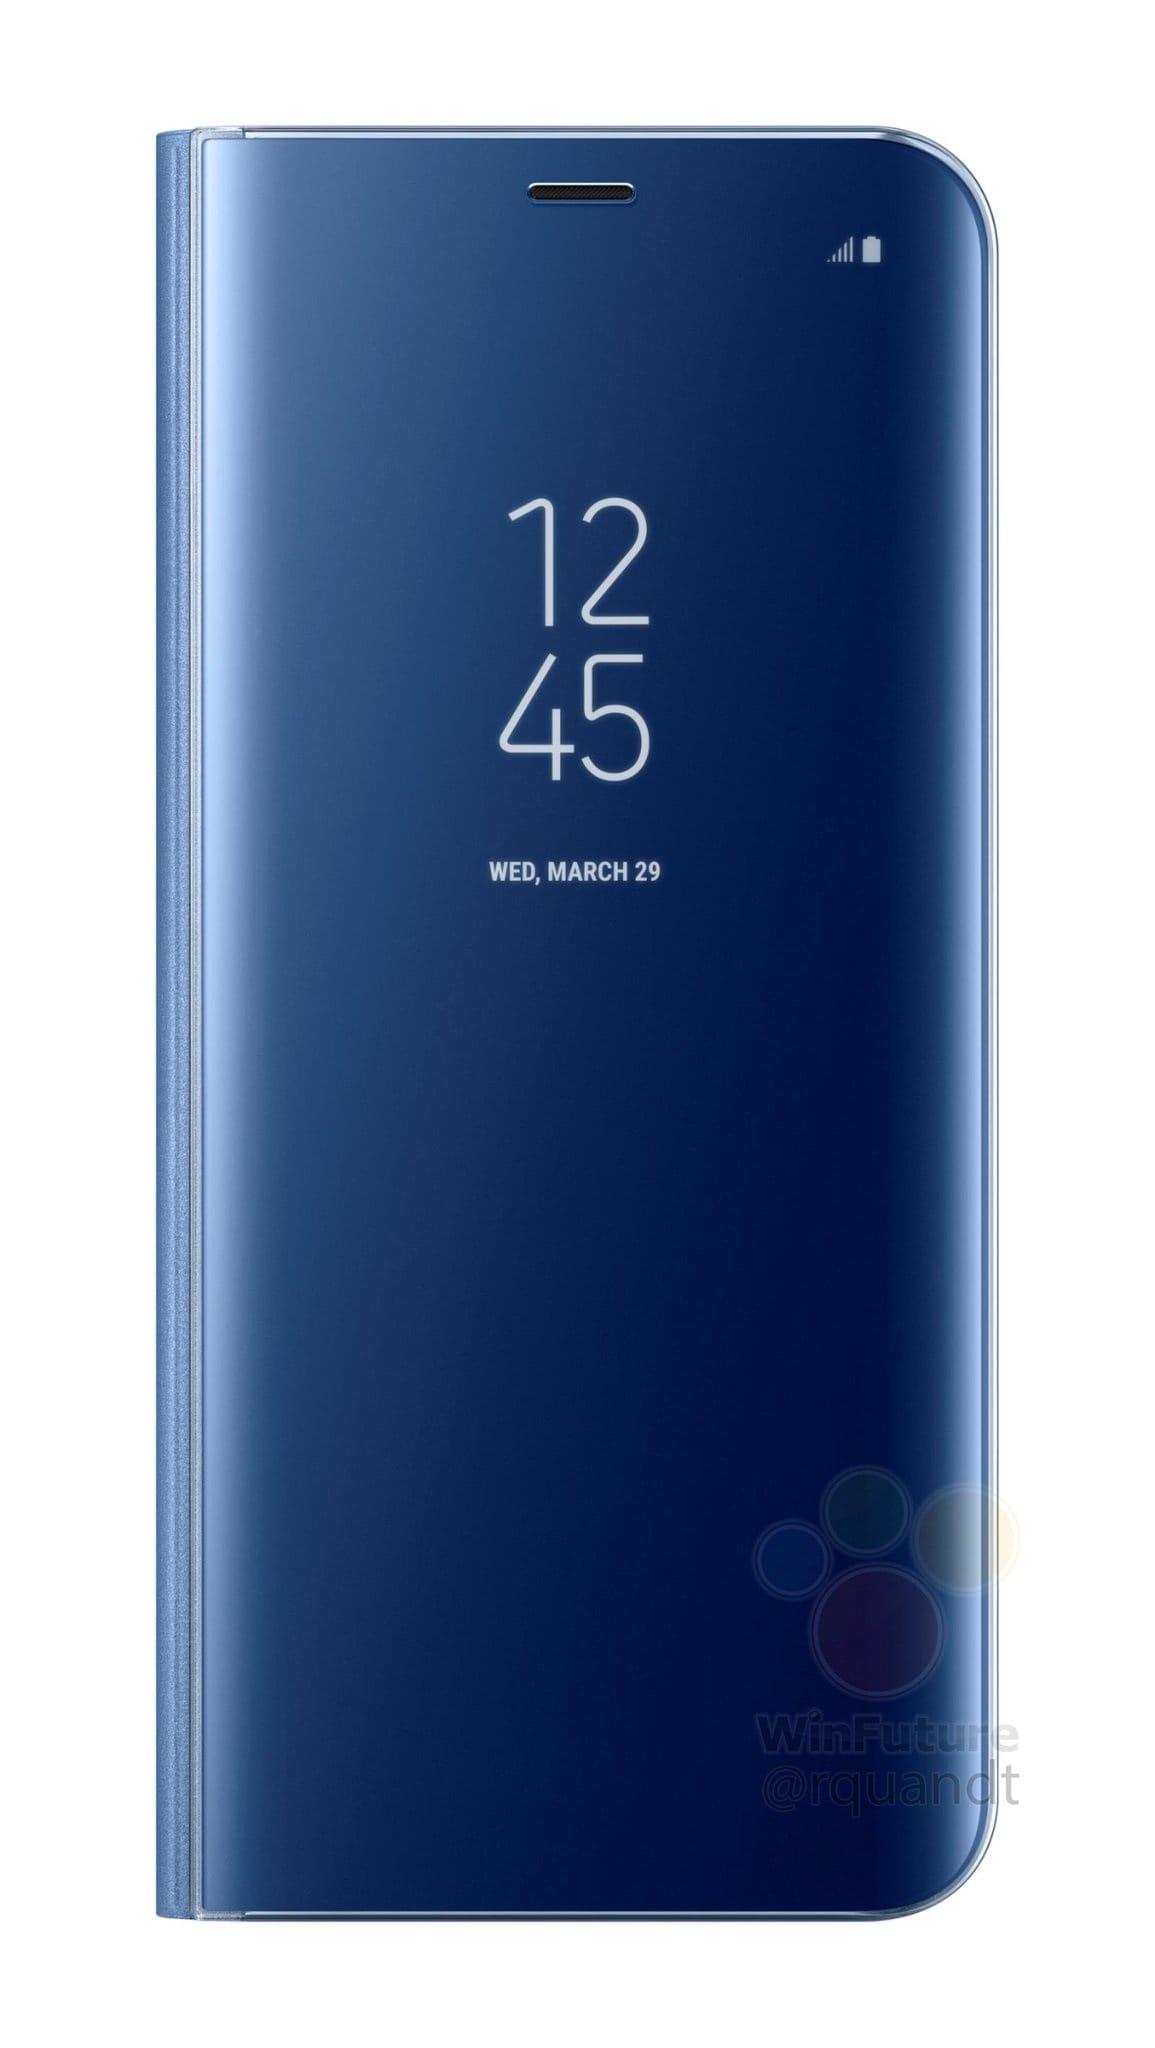 Samsung Galaxy S8 аксессуары 1